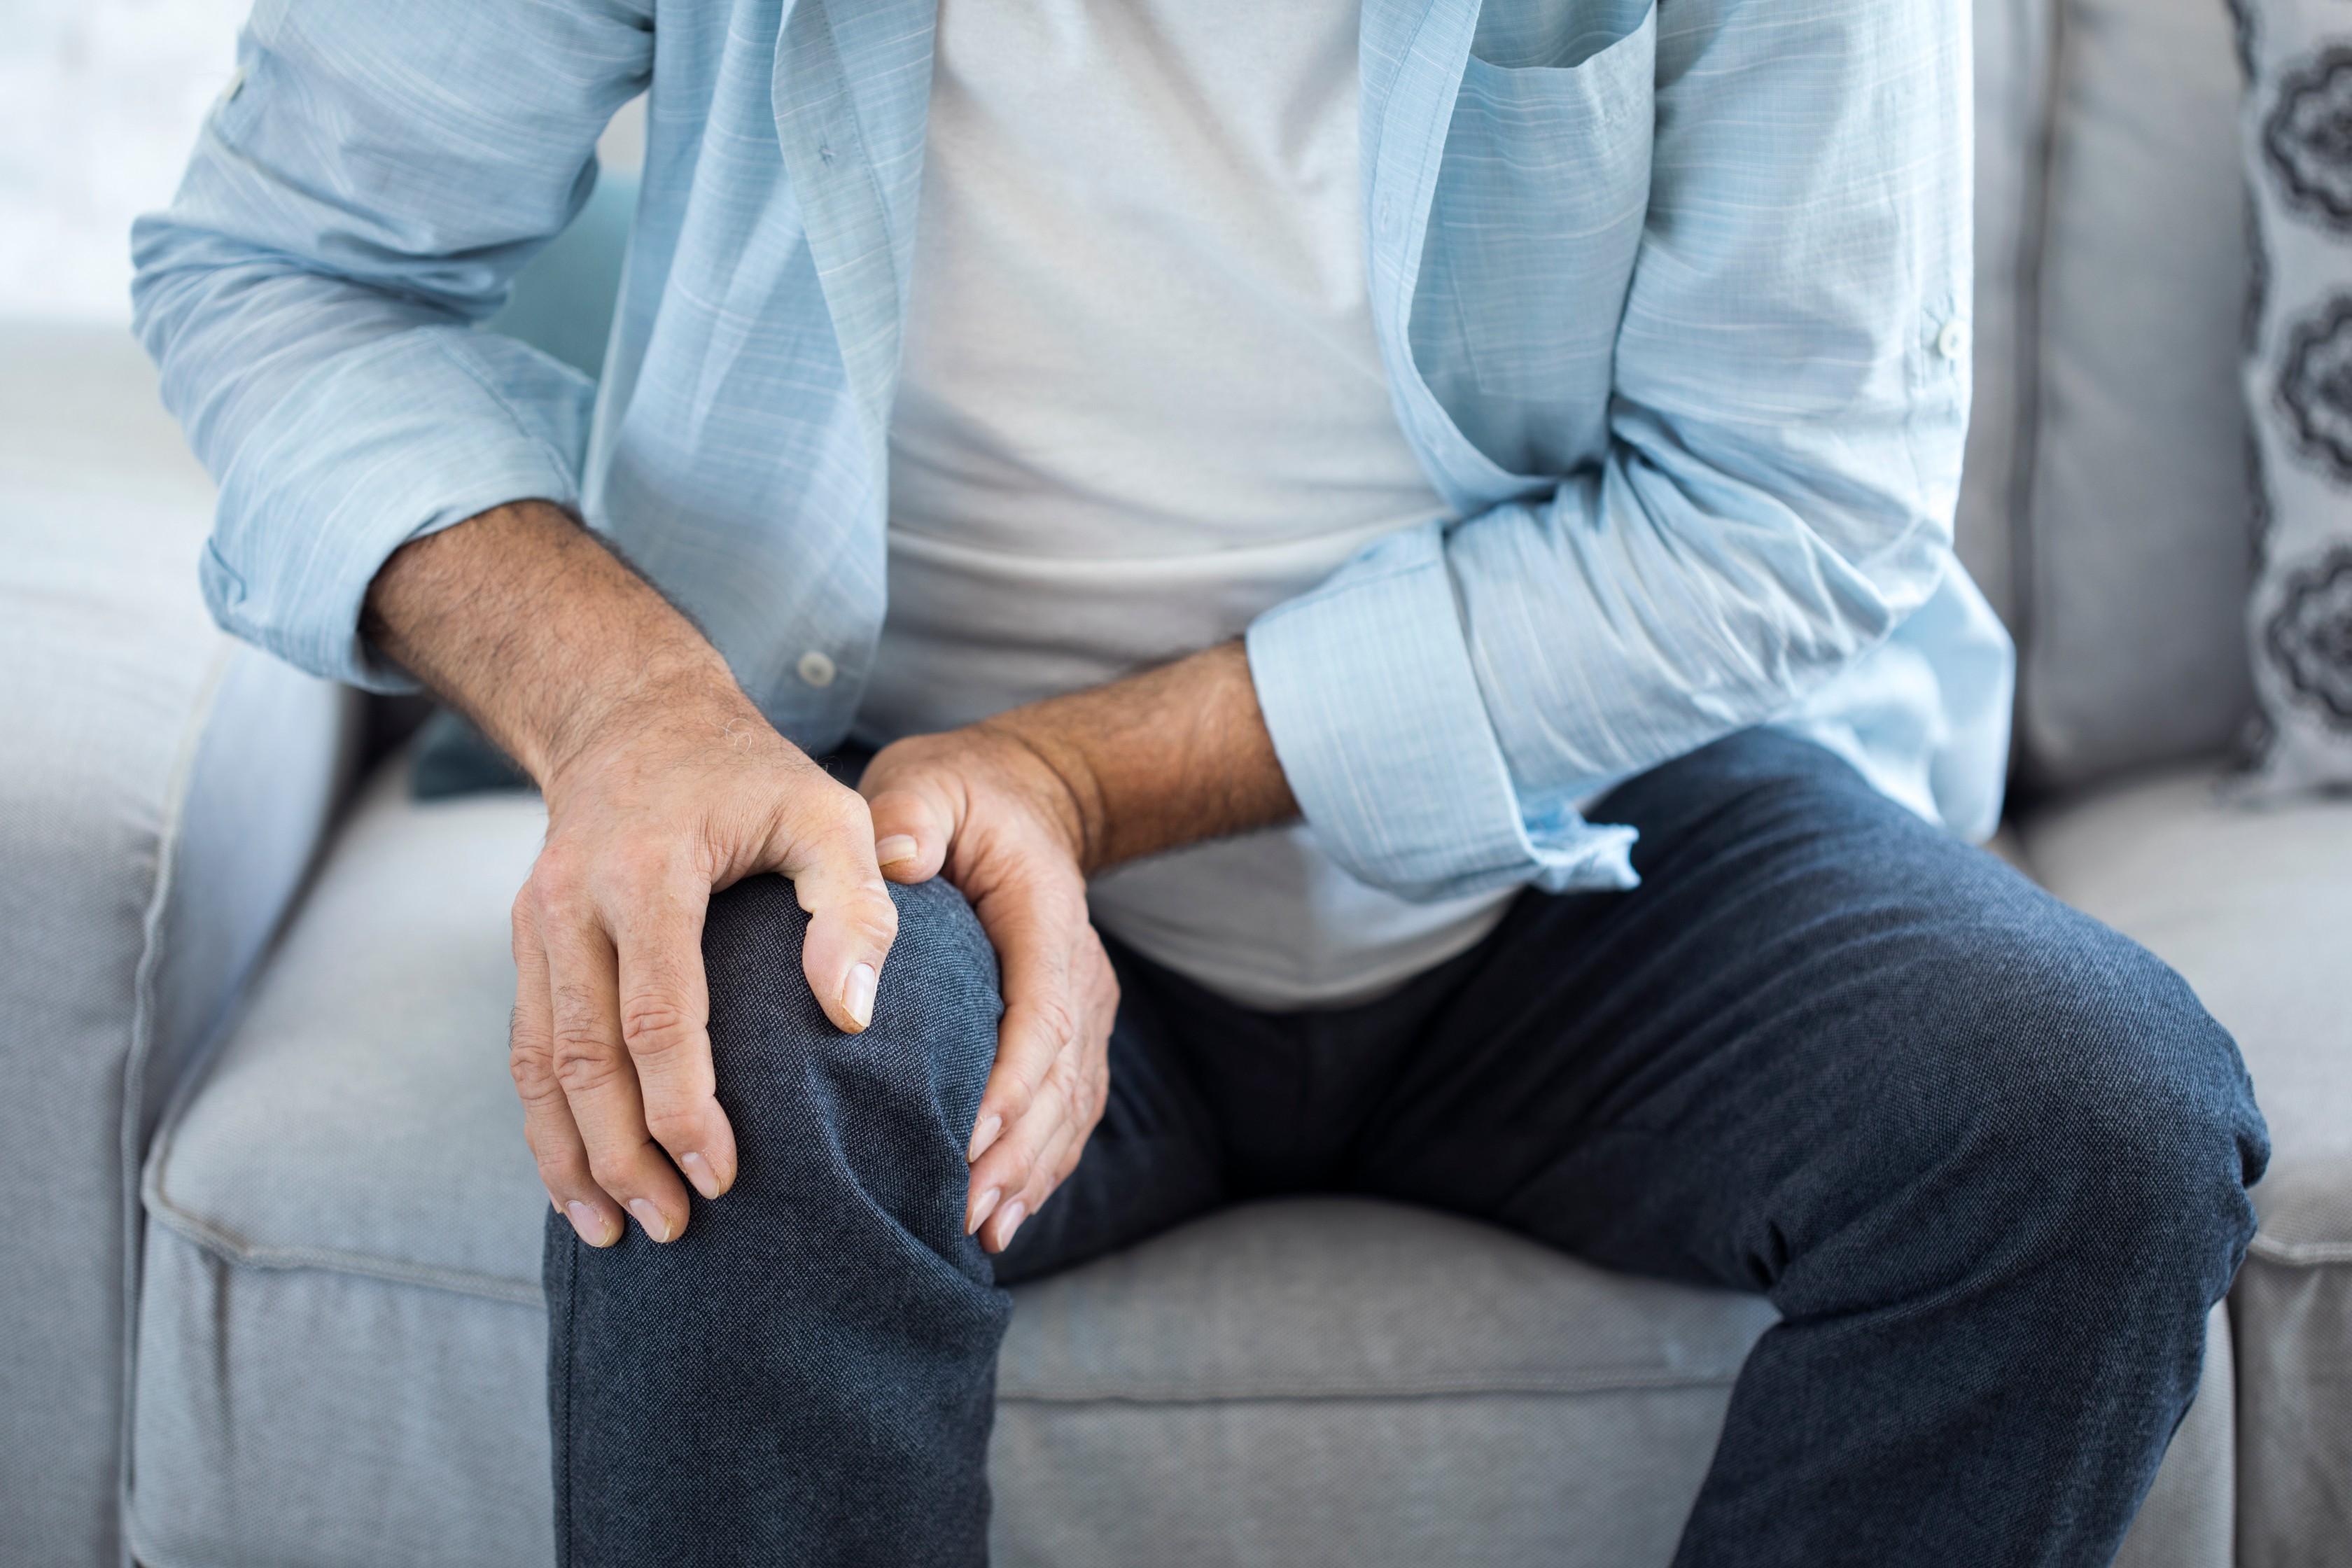 aszkorutin ízületi fájdalmak esetén